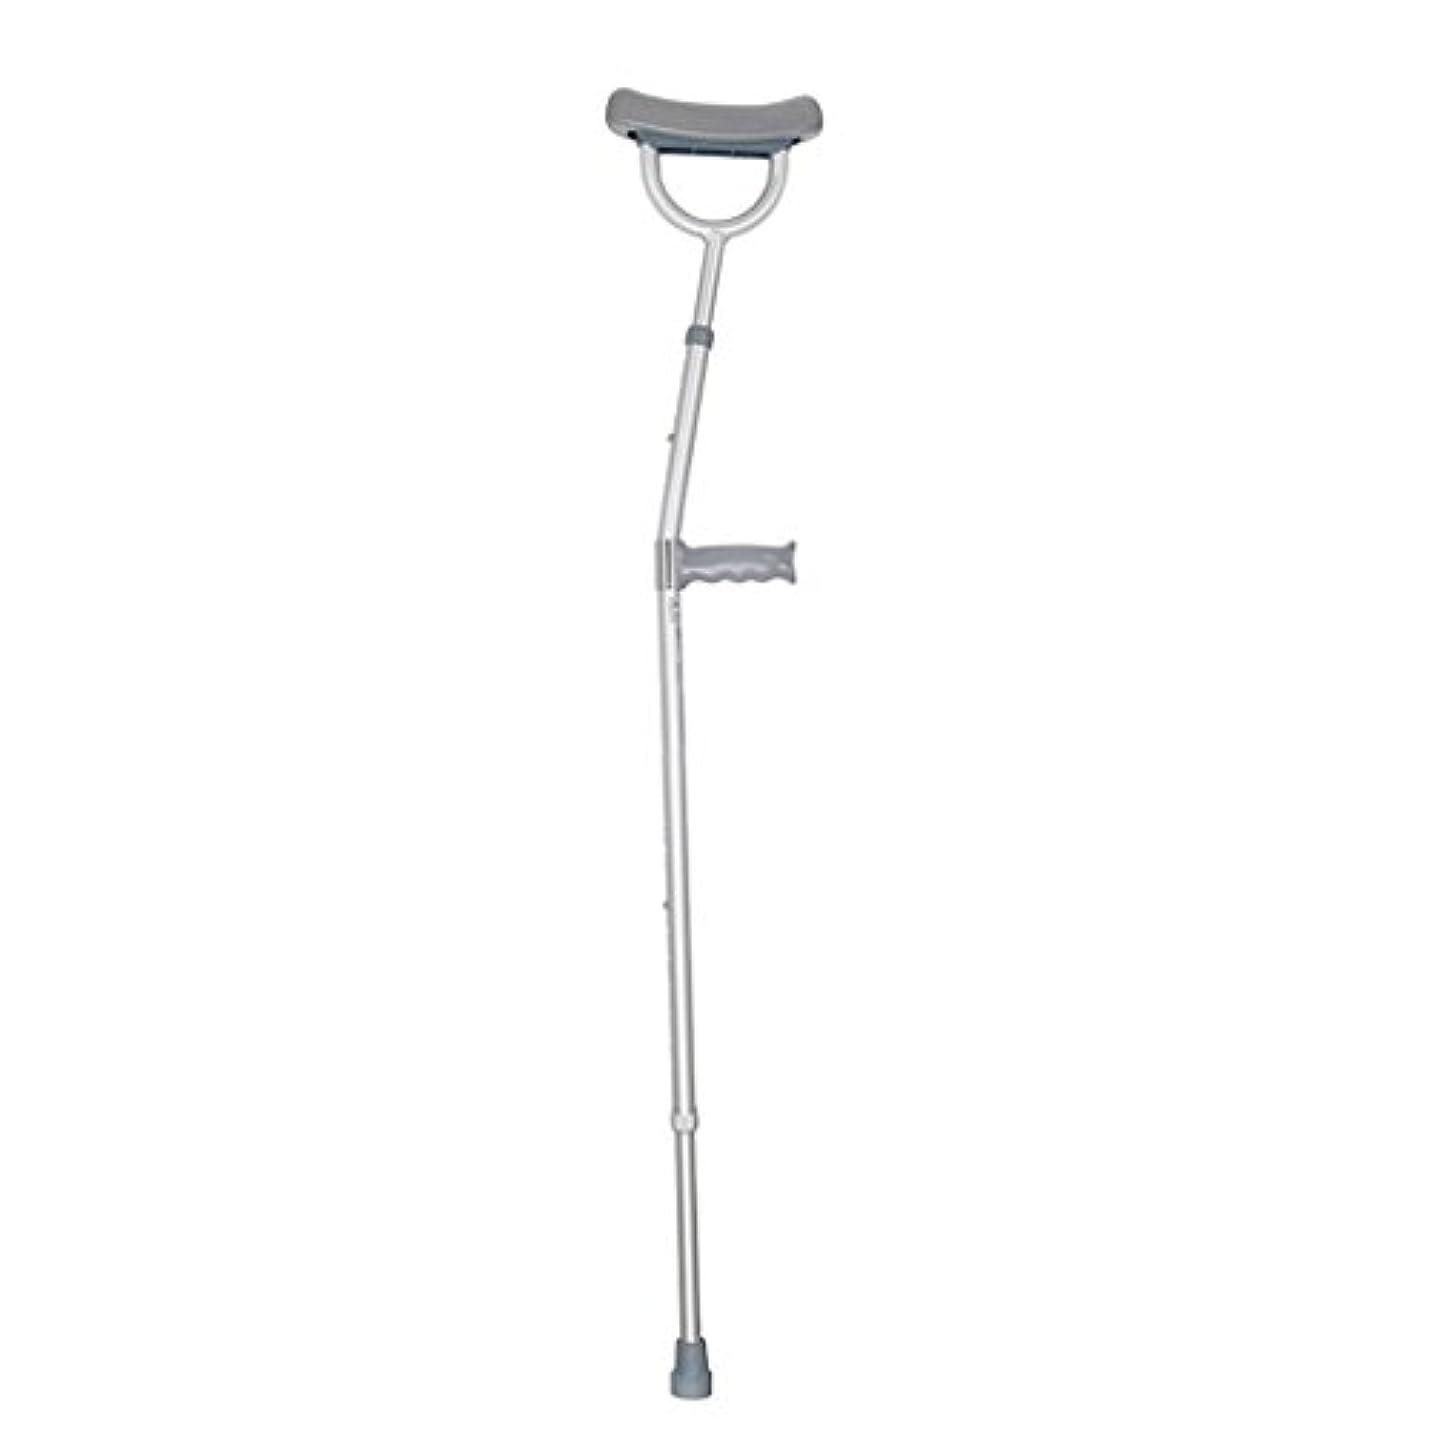 縮れた港気になる医療用アルミニウム製の脇の下の松葉杖調節可能なアンチスキッドウォーカー、グレー、約80KGのサポート重量